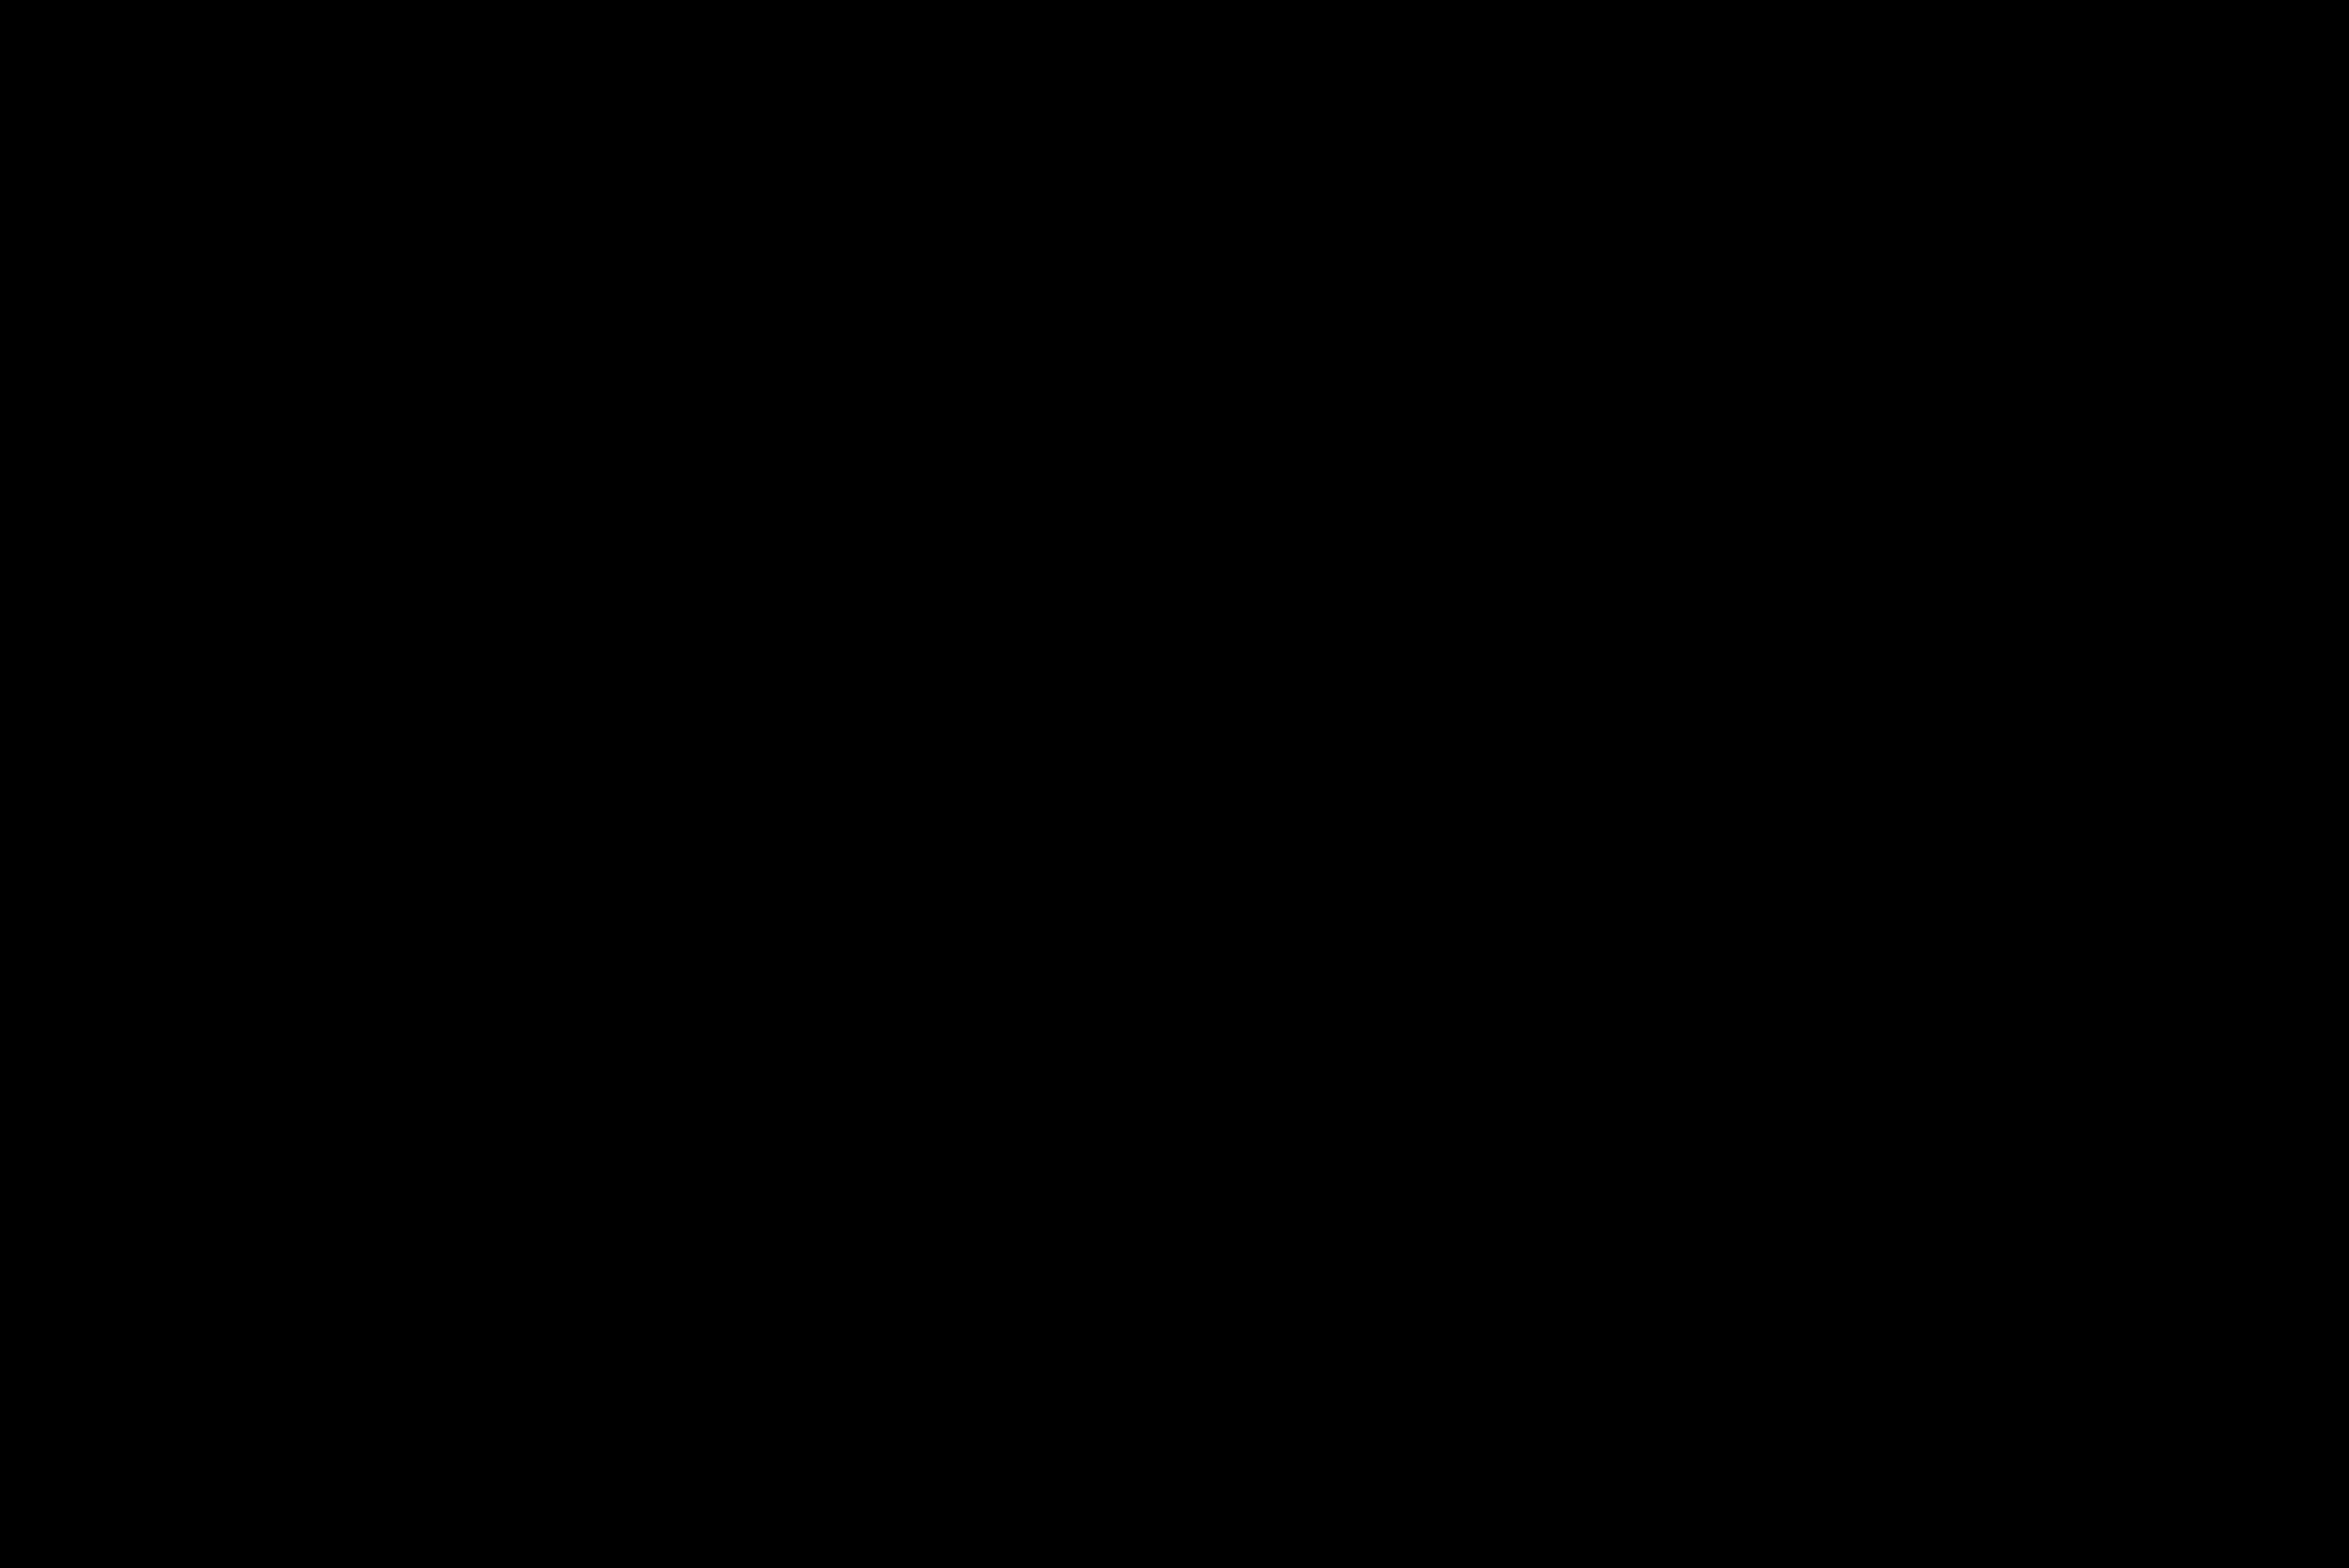 Takida och Stiftelsen